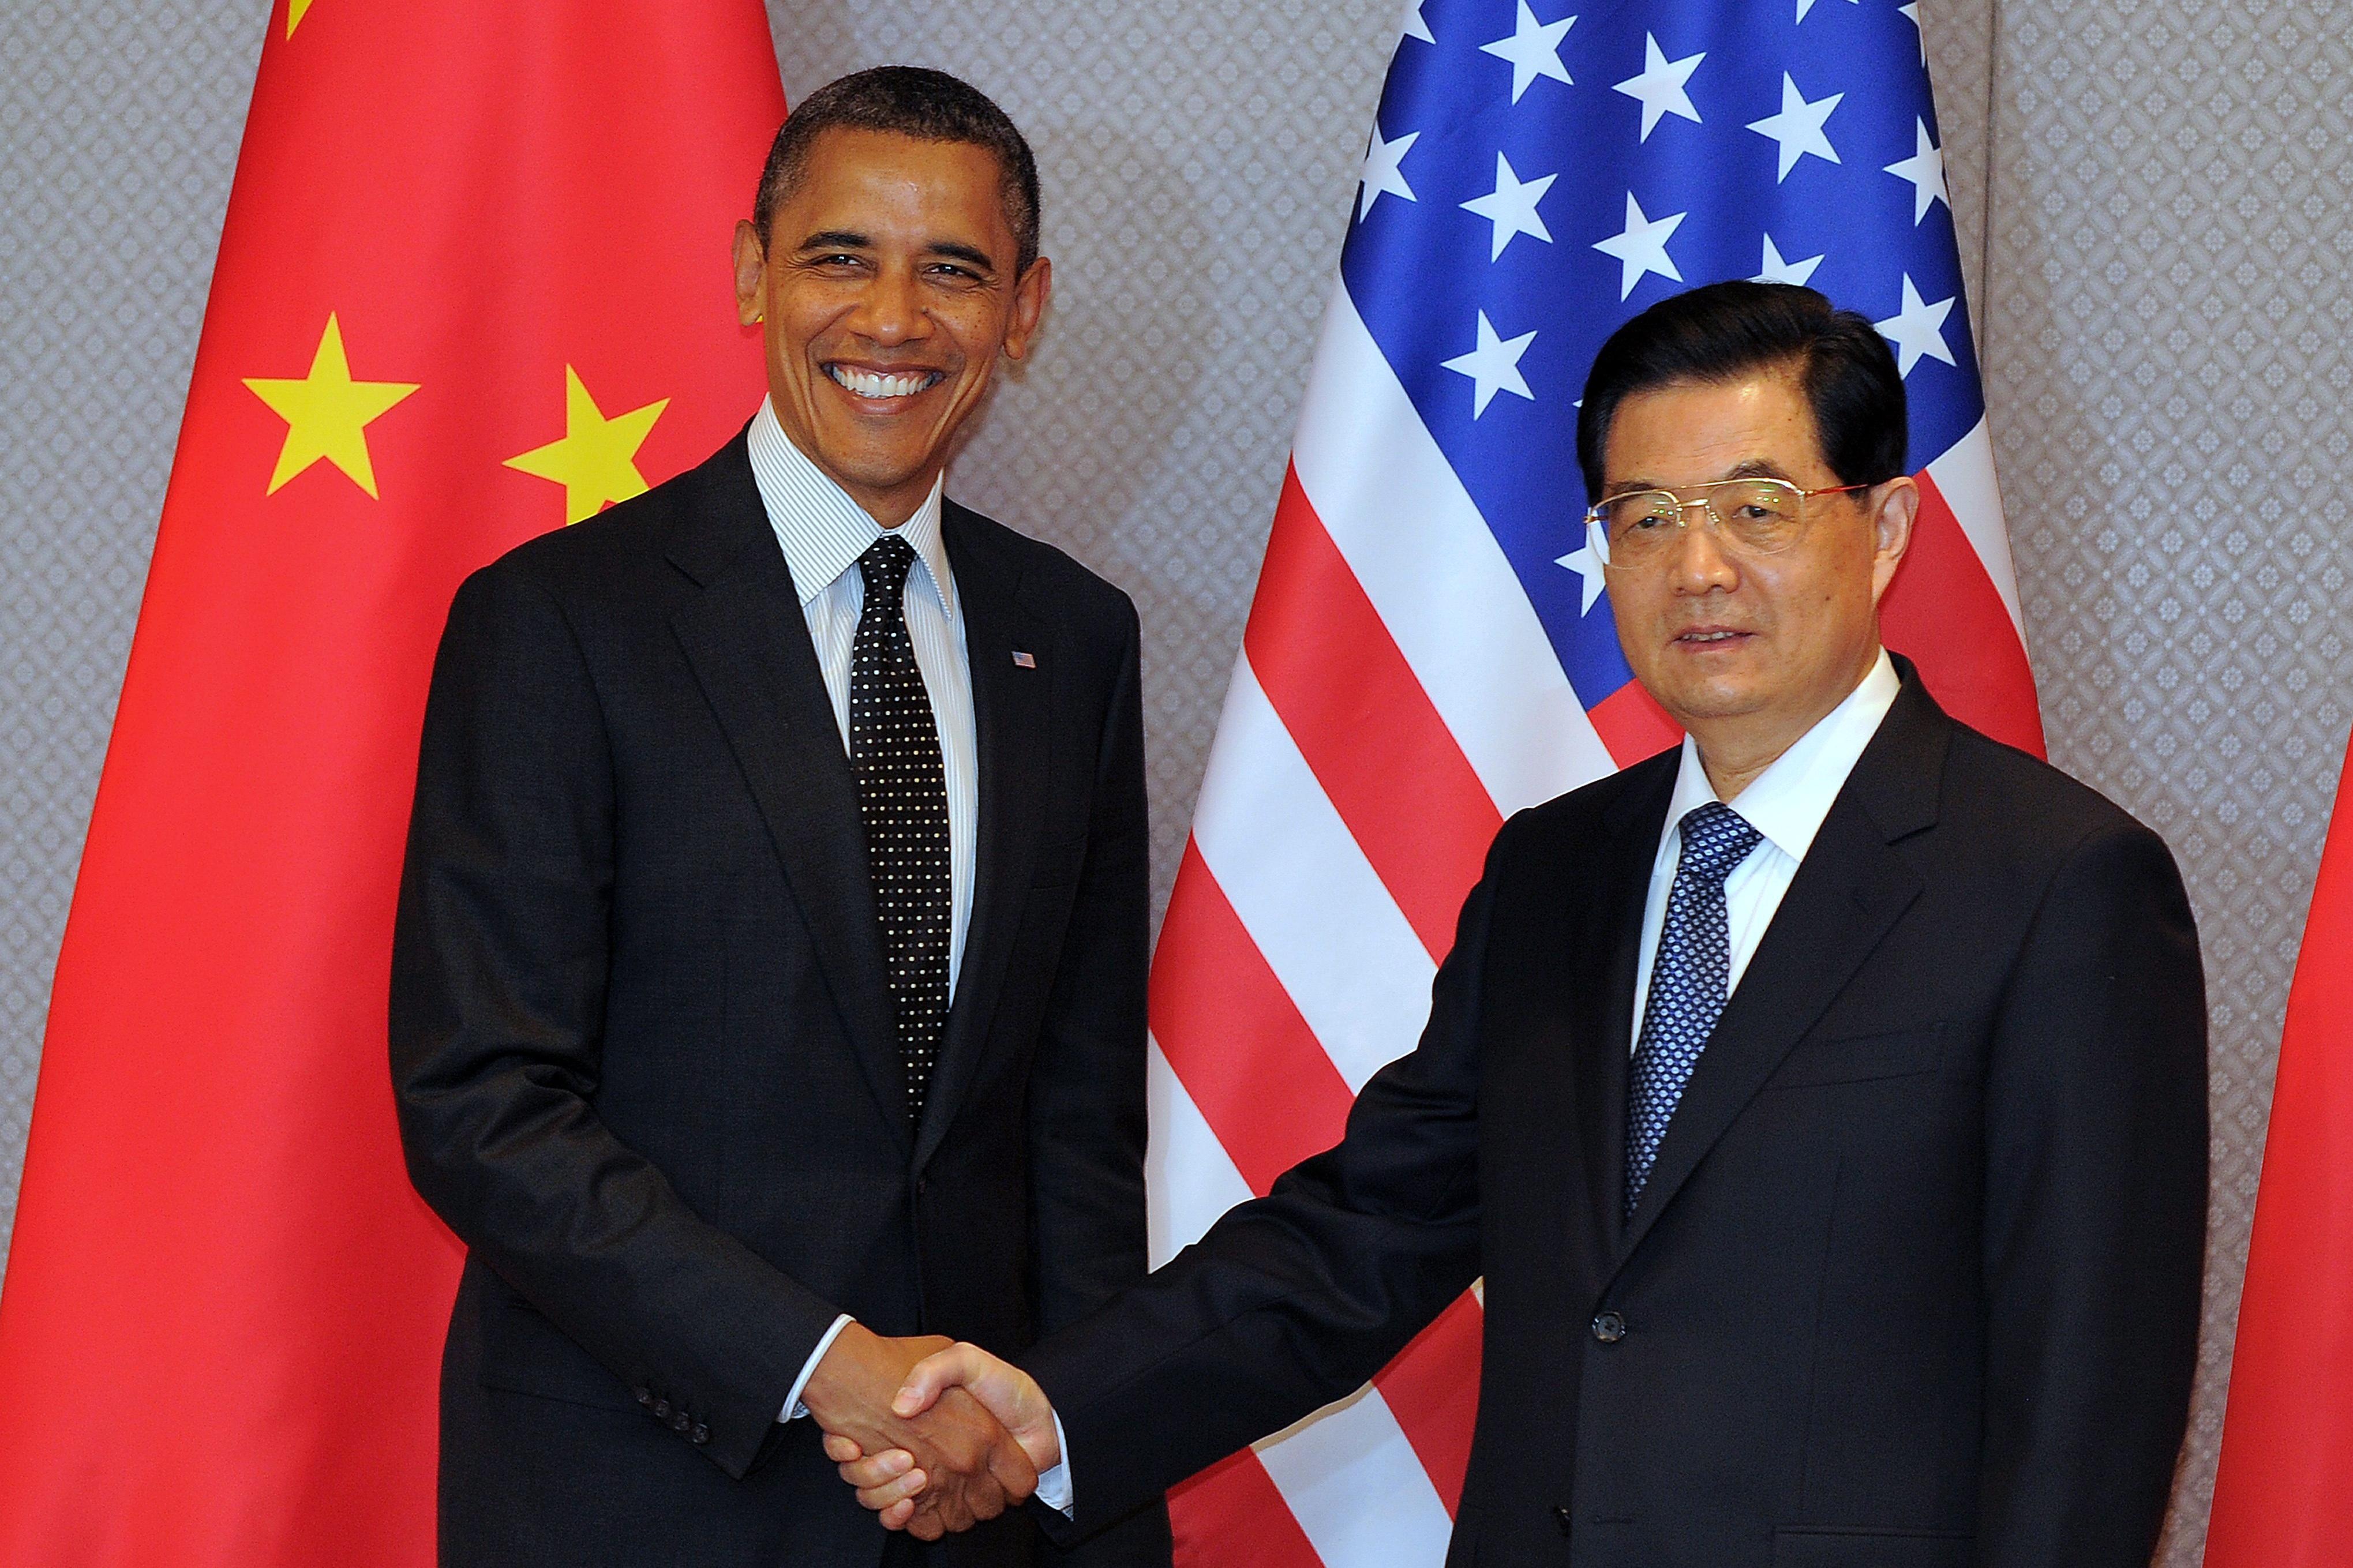 Ironie in Begrüßung von Barack Obama erregt China